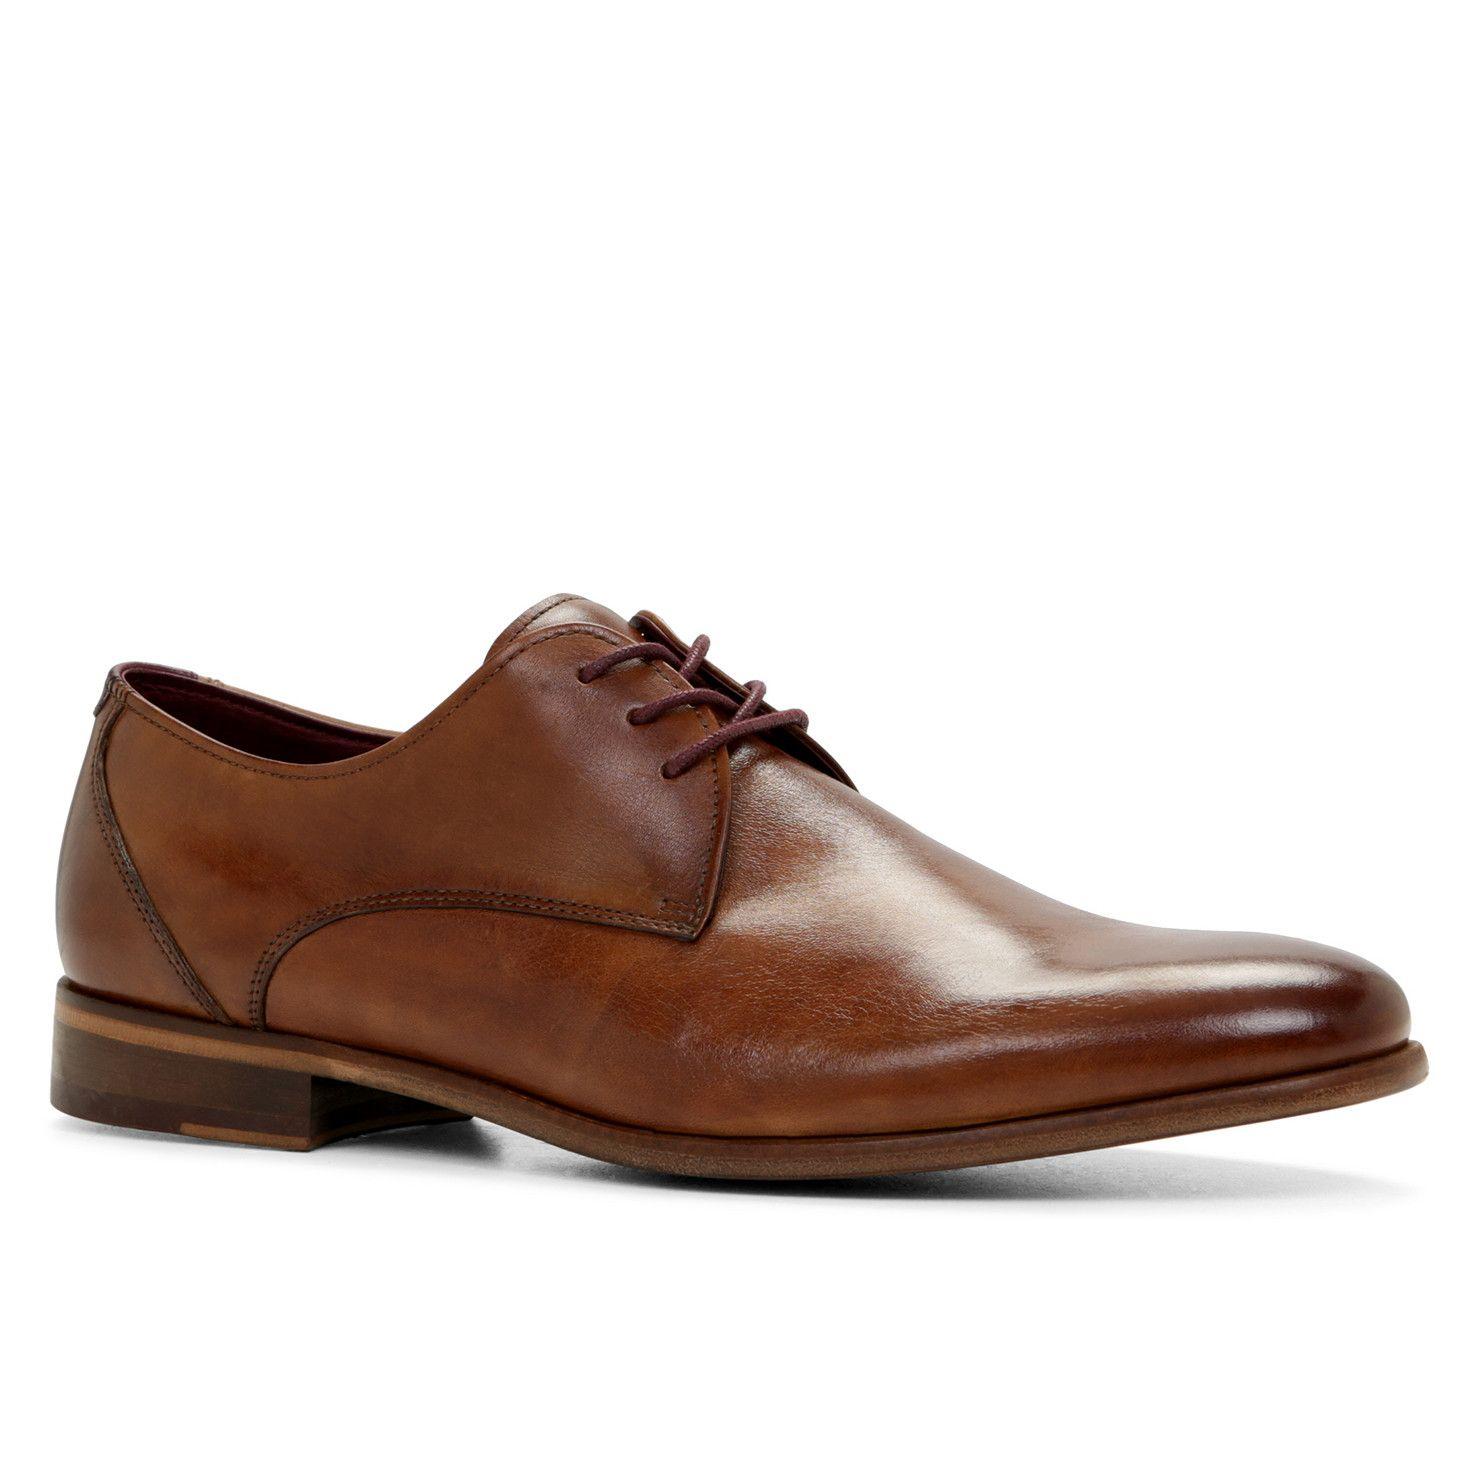 FLAGSTONE Dress Lace Ups | Men's Shoes